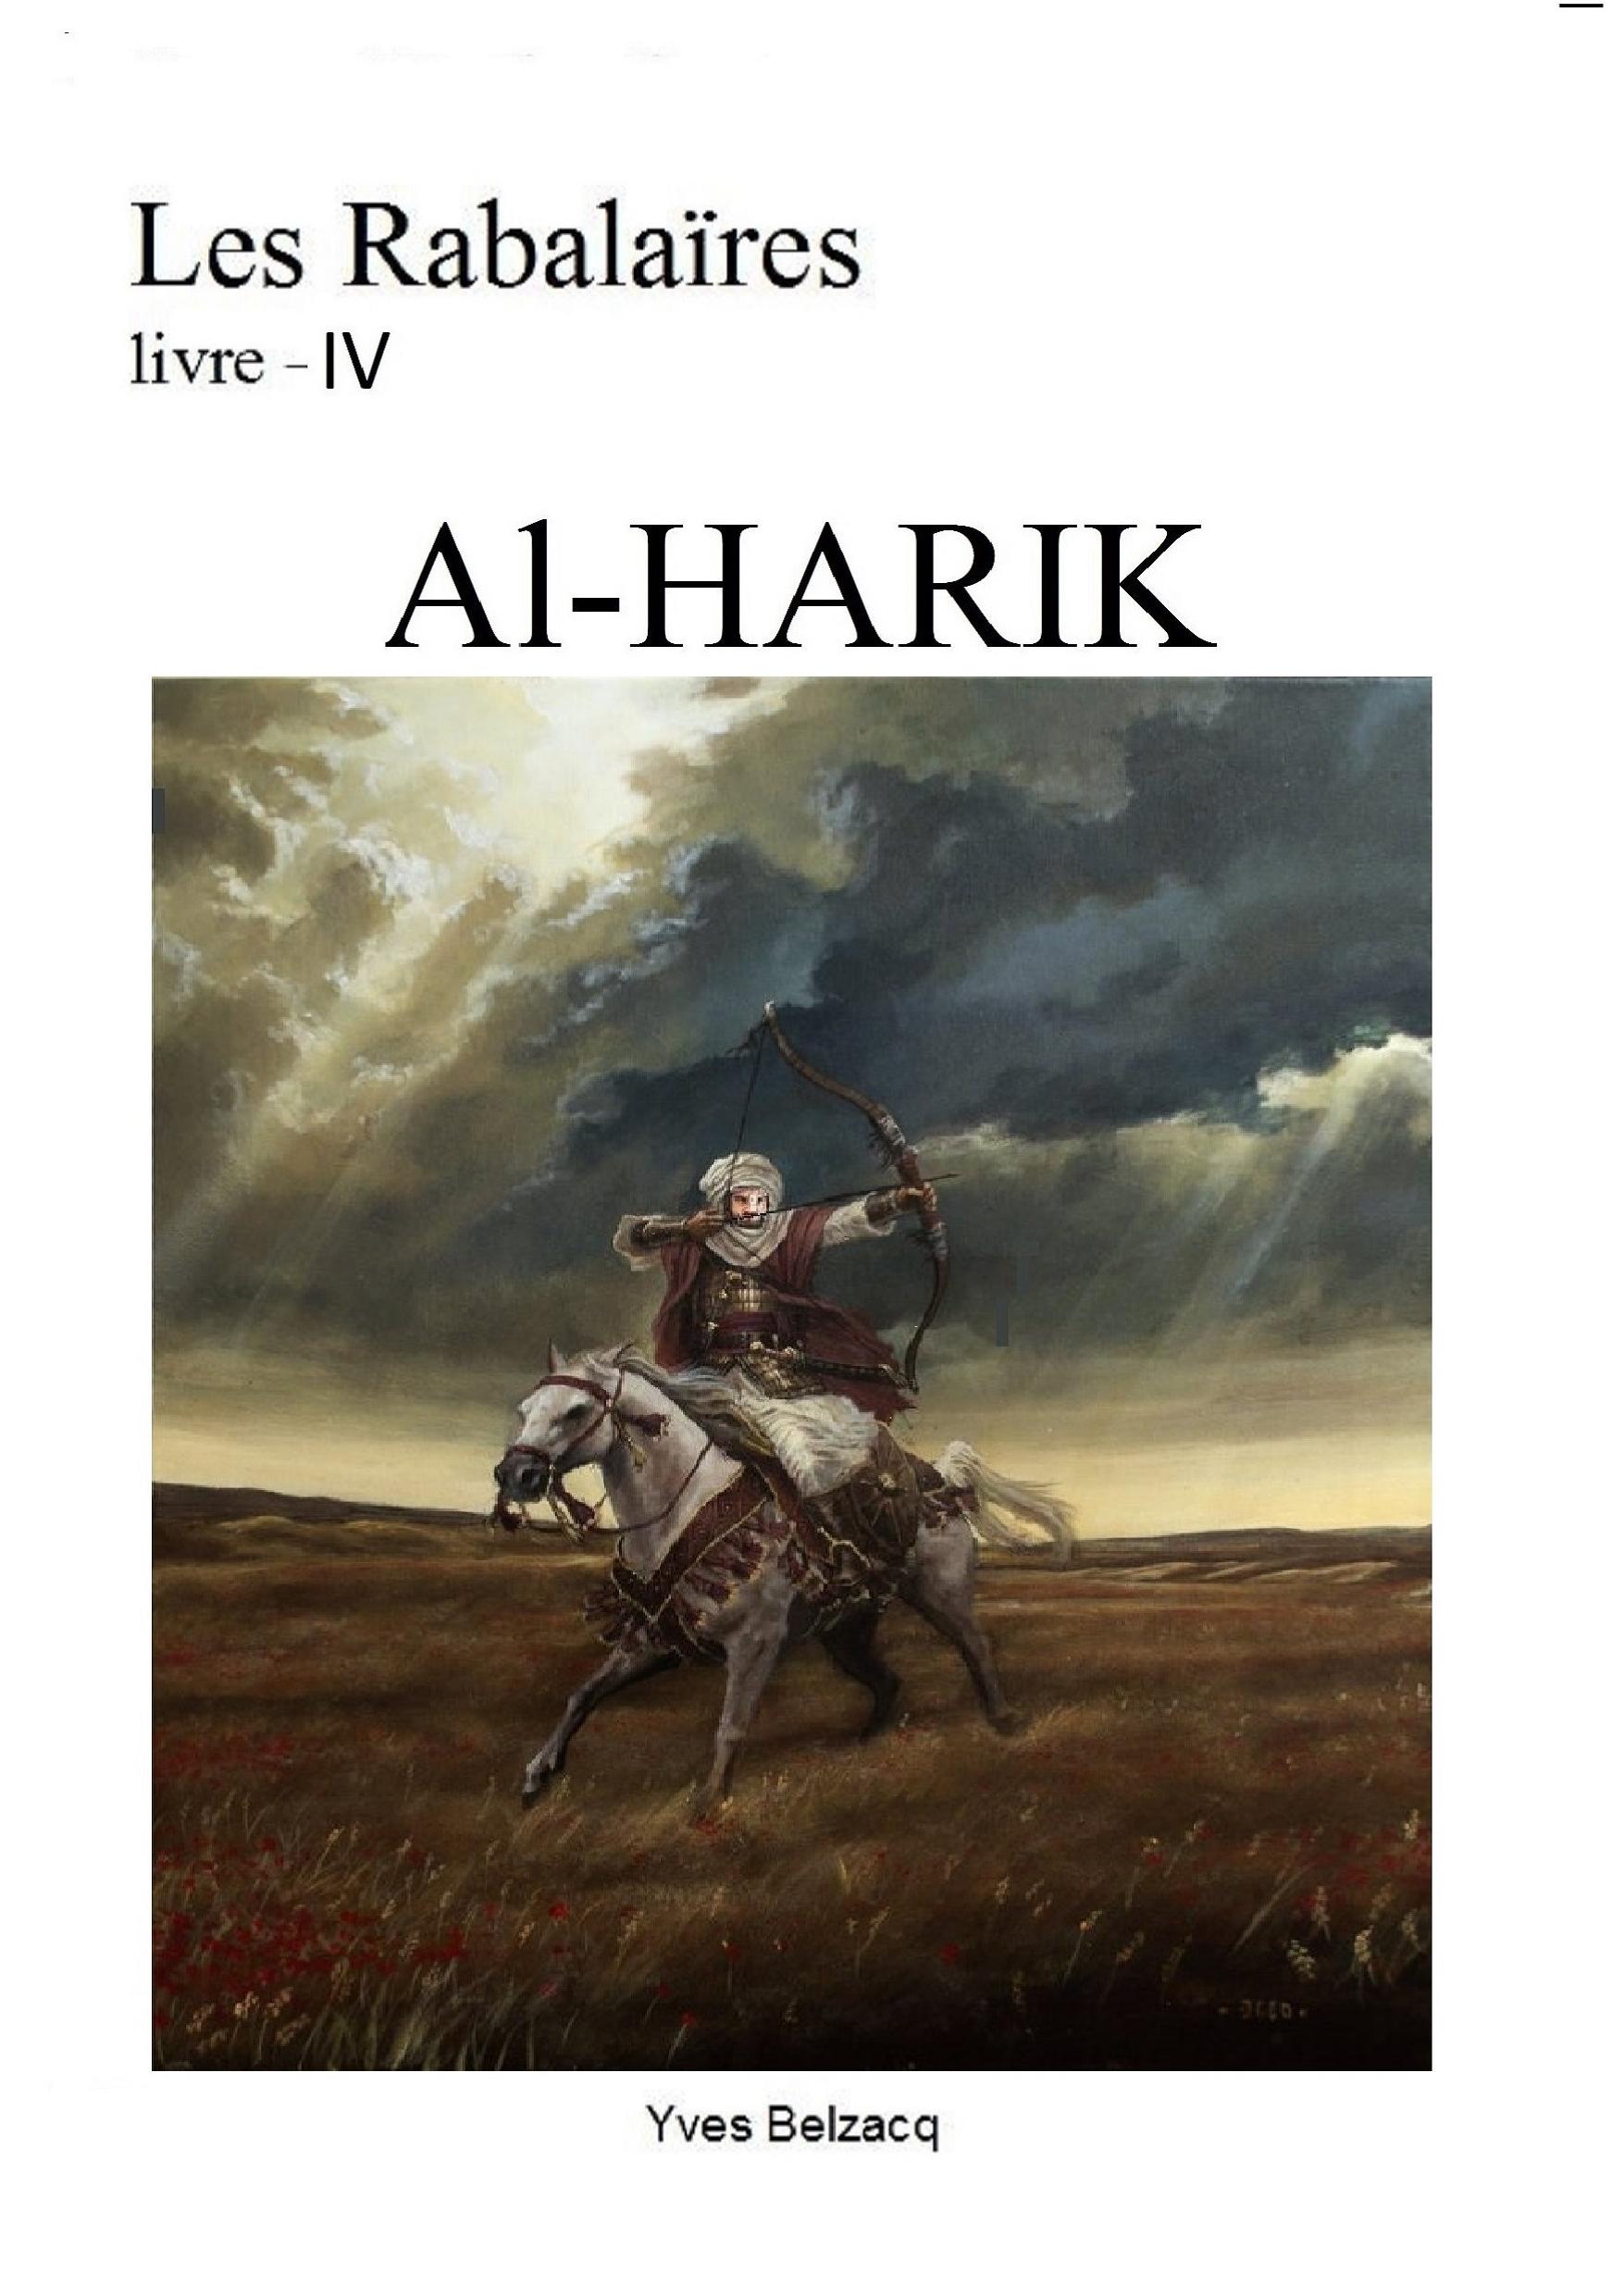 Al-Harik